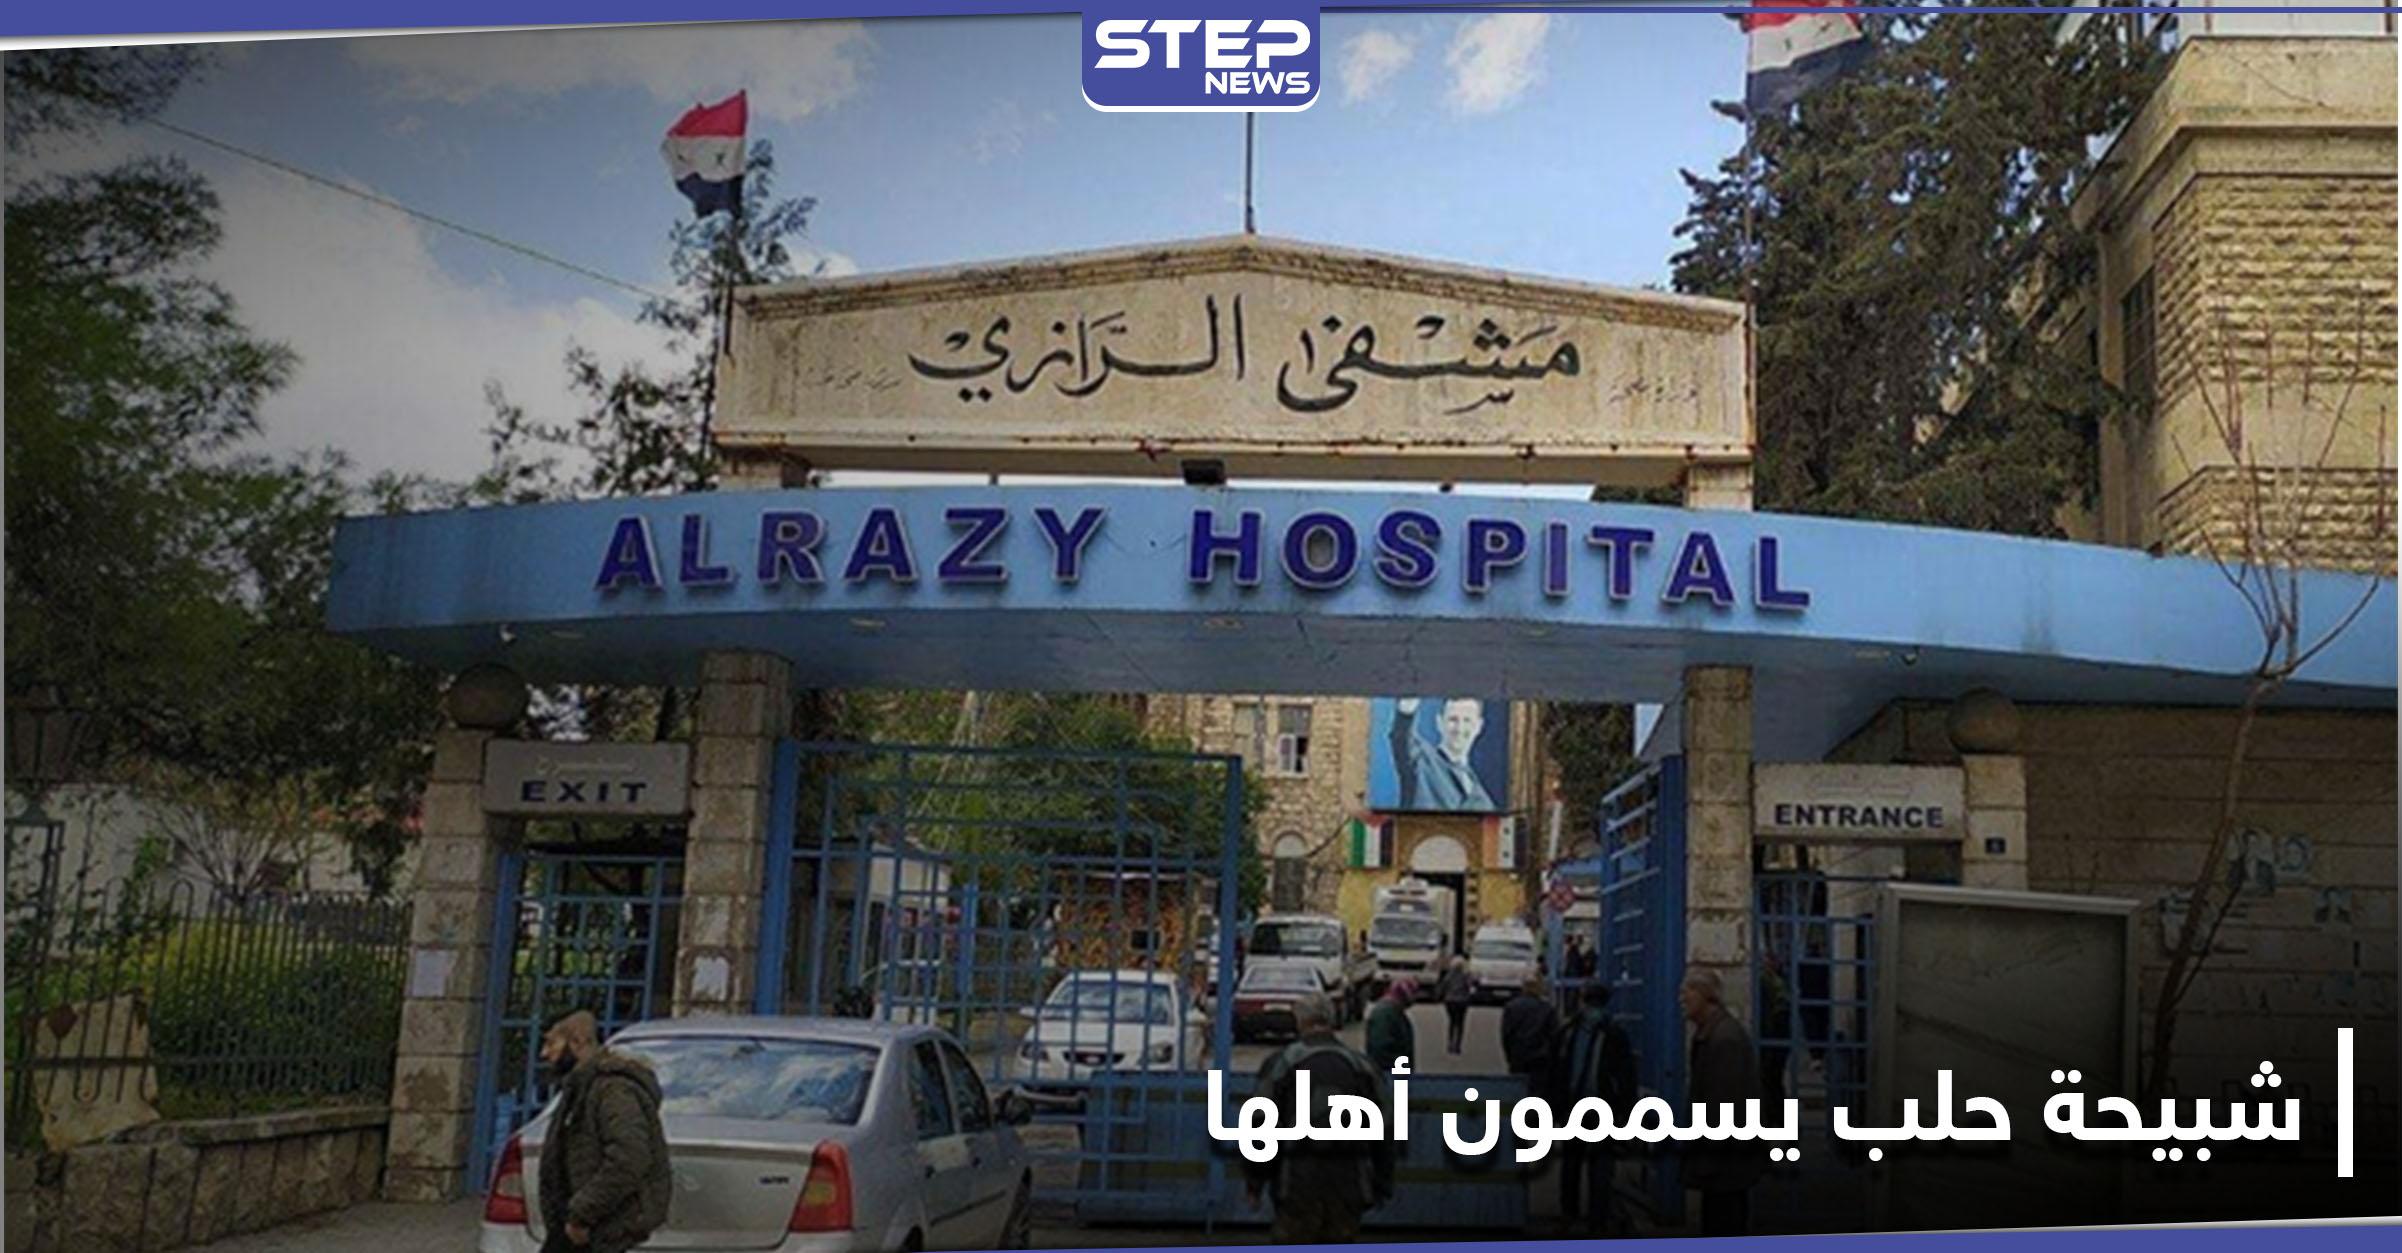 عشرات حالات التسمم تصل مستشفى الرازي حلب